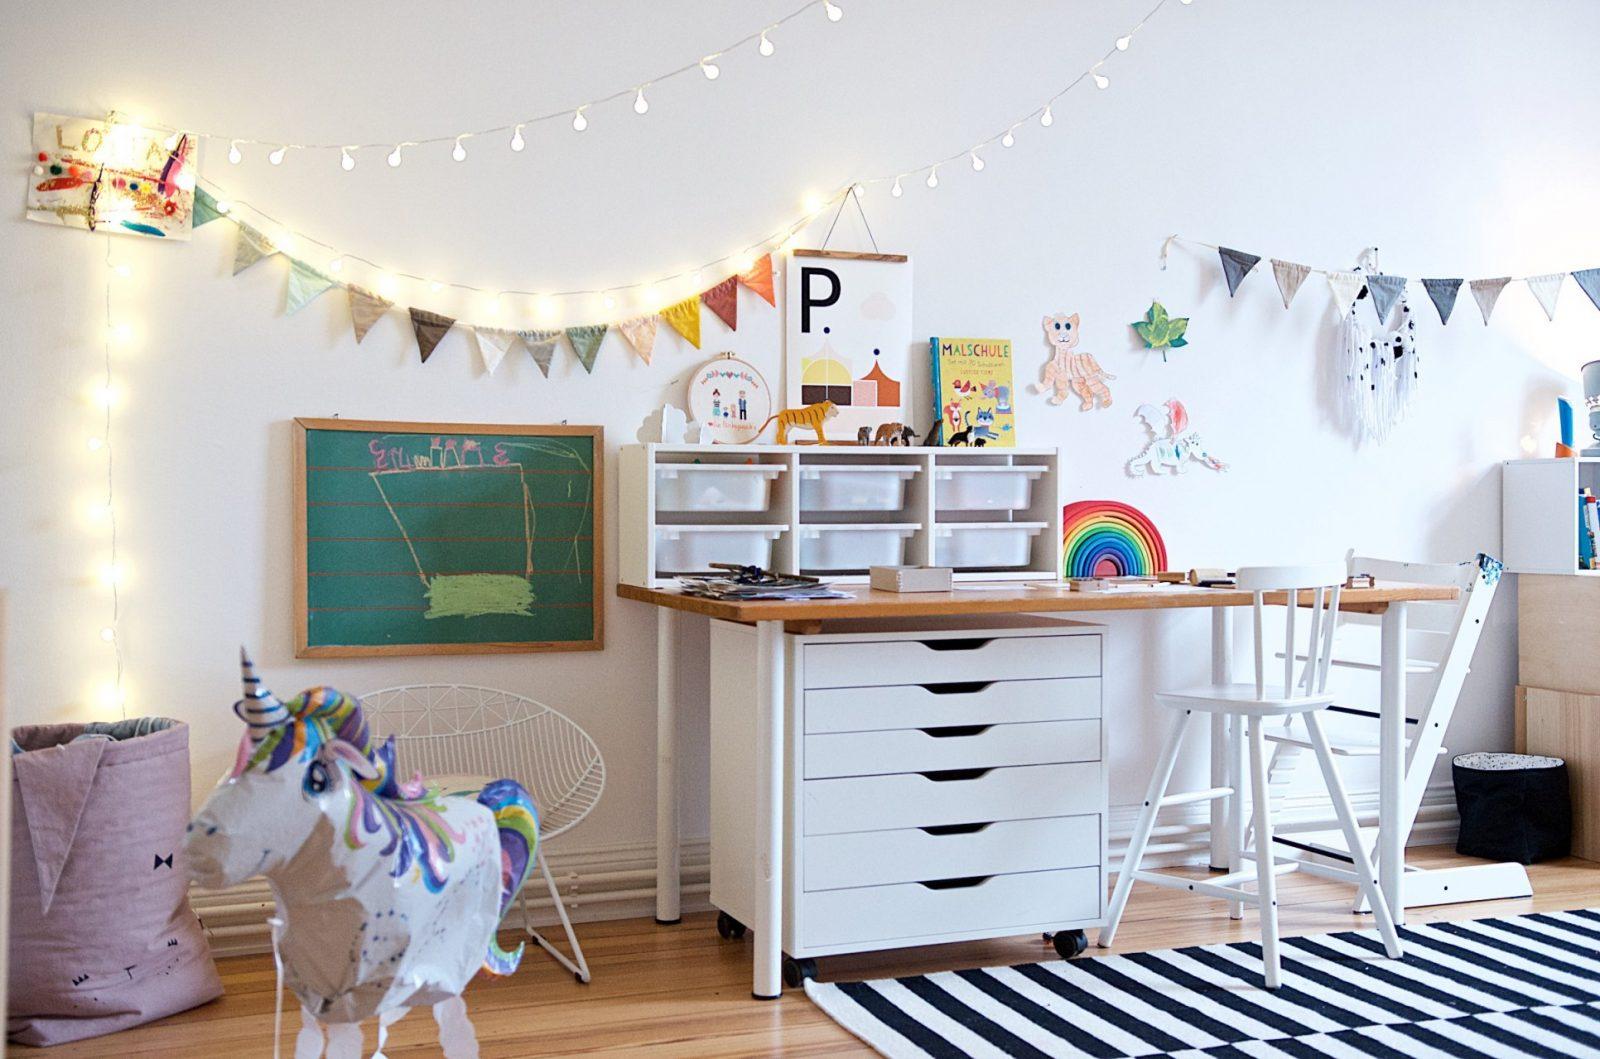 Ein Kunterbuntes Kinderzimmer Mit Ecken Für Alle Kinderbedürfnisse von Kleines Kinderzimmer Für Zwei Einrichten Bild